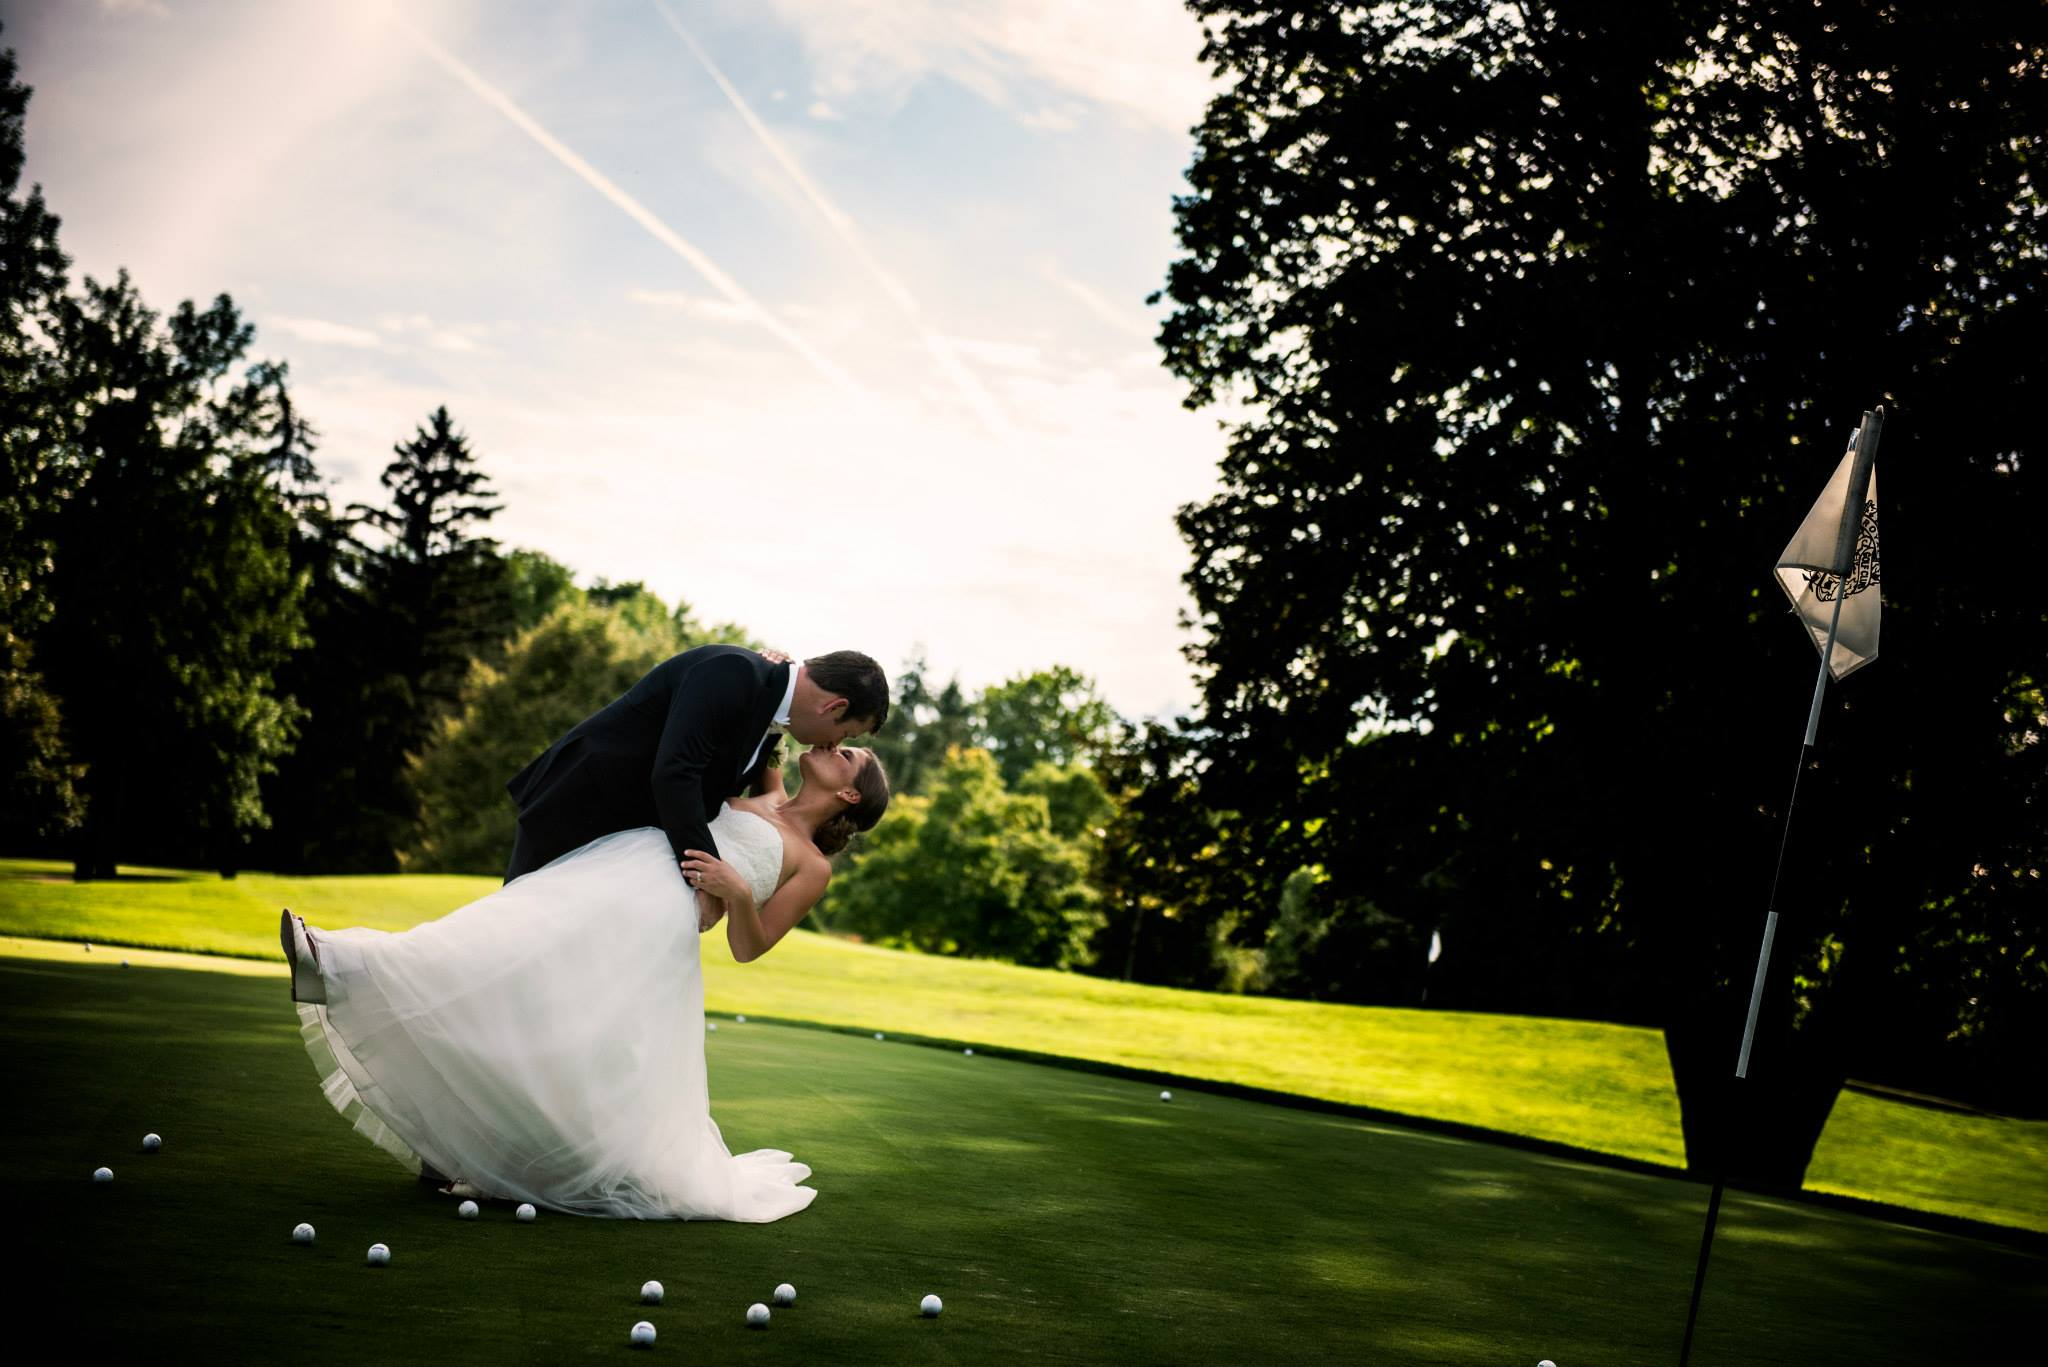 Weddings_Vesia9 (1).jpg